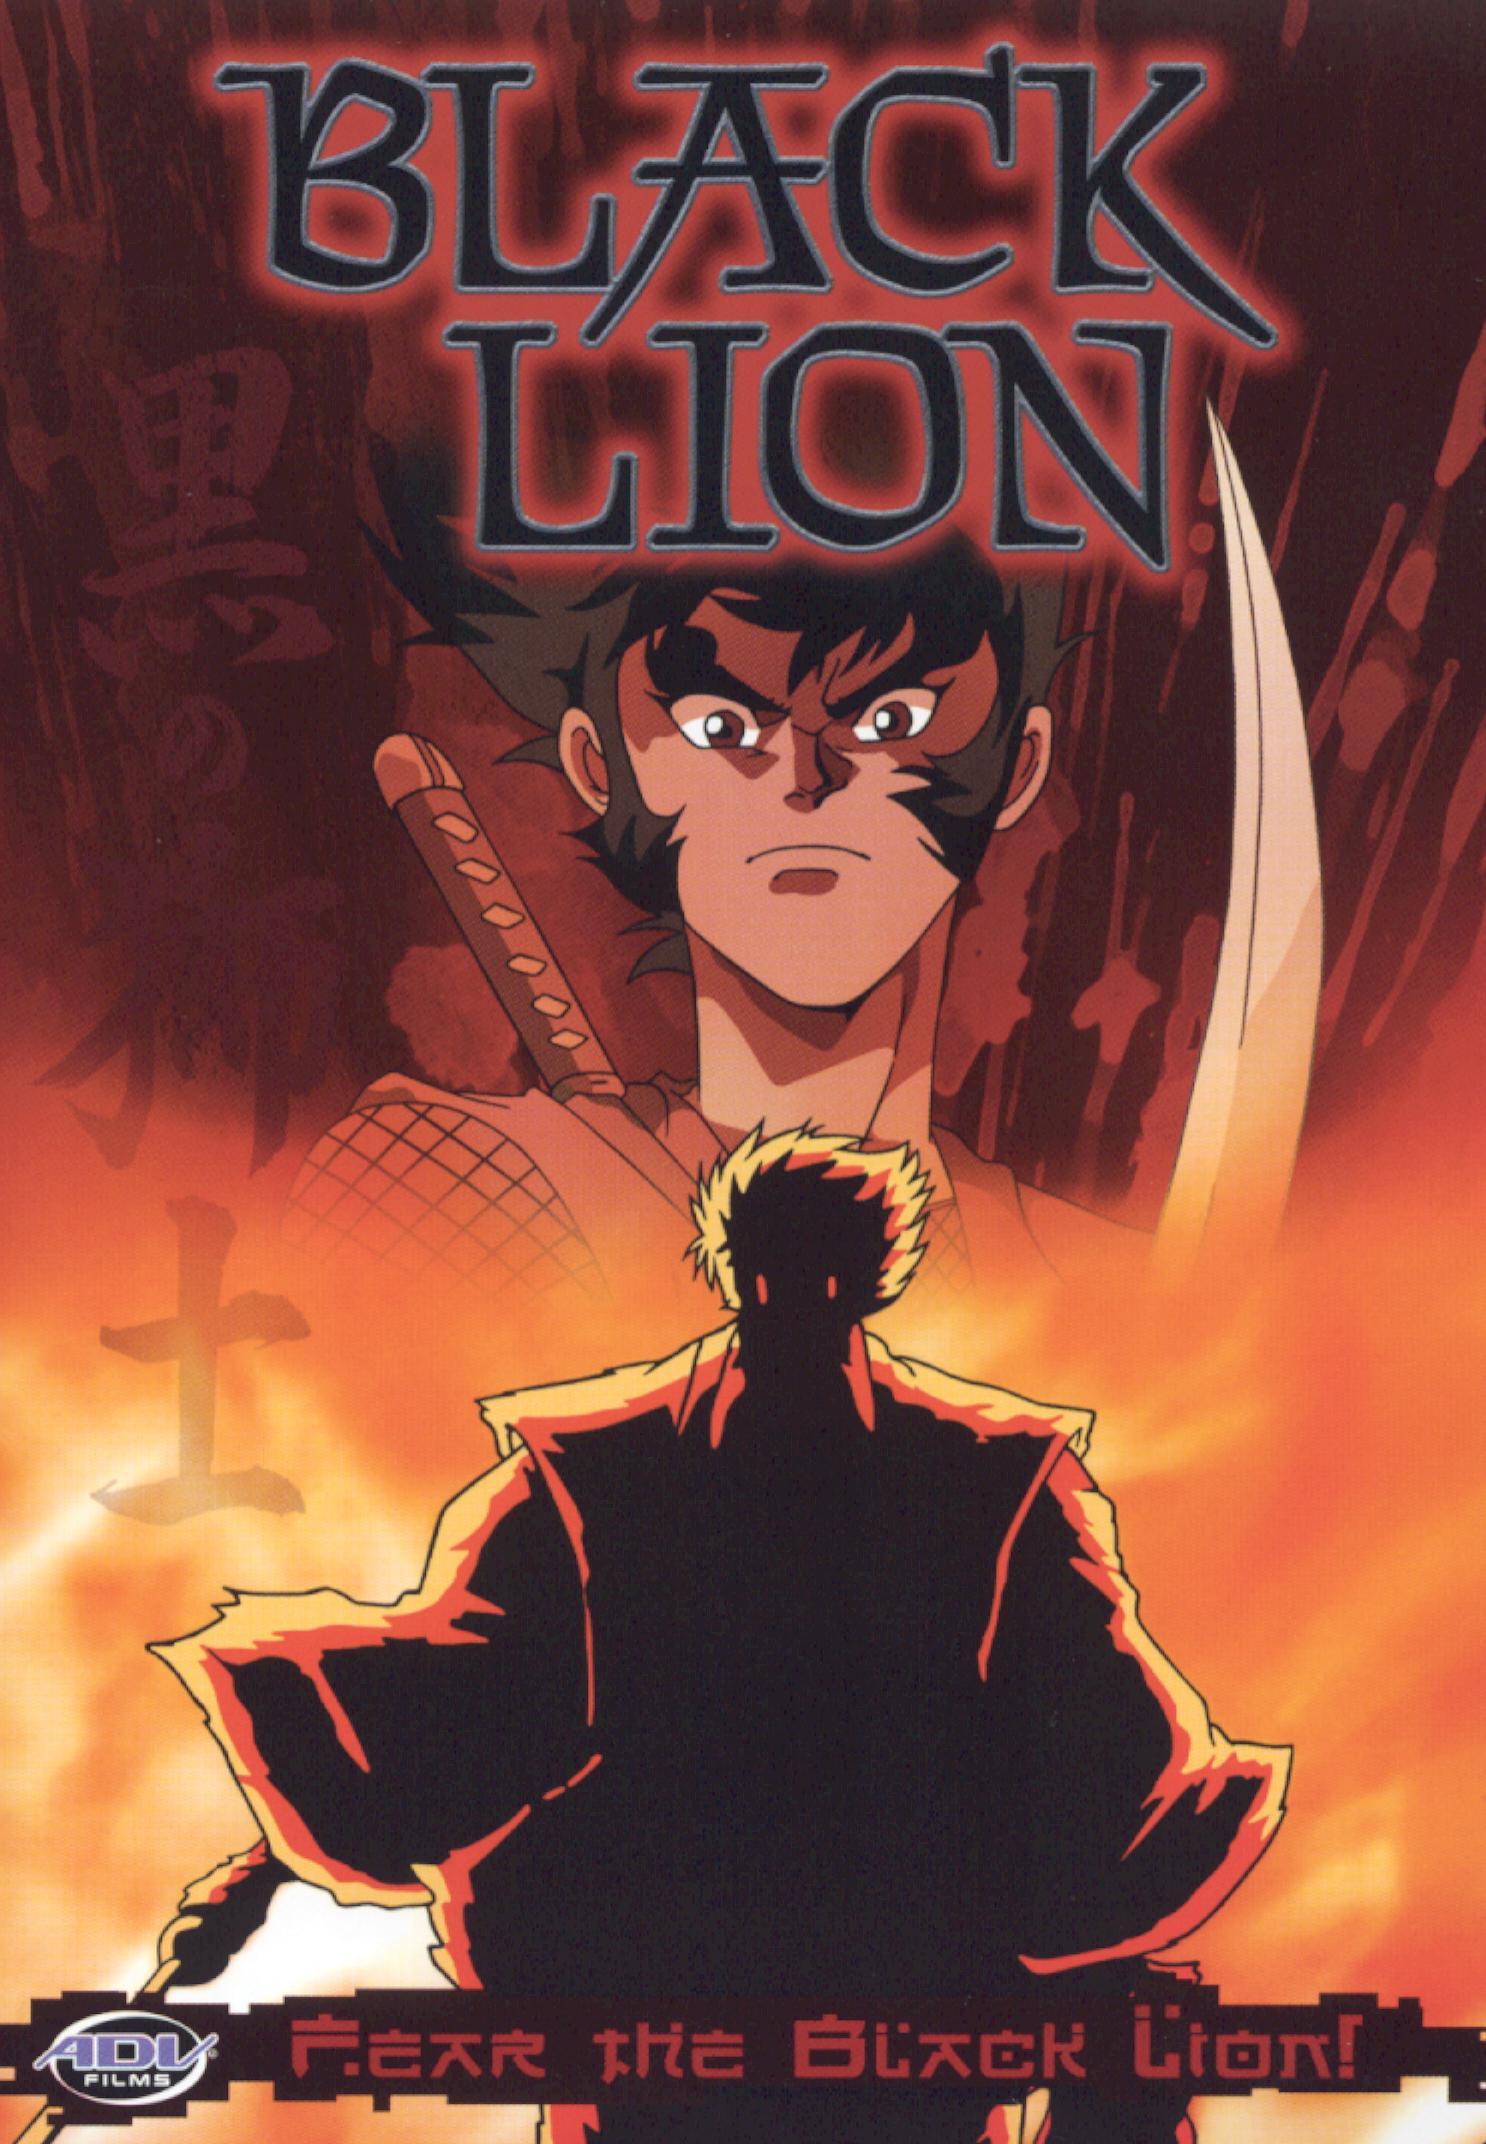 Black Lion: Fear the Black Lion